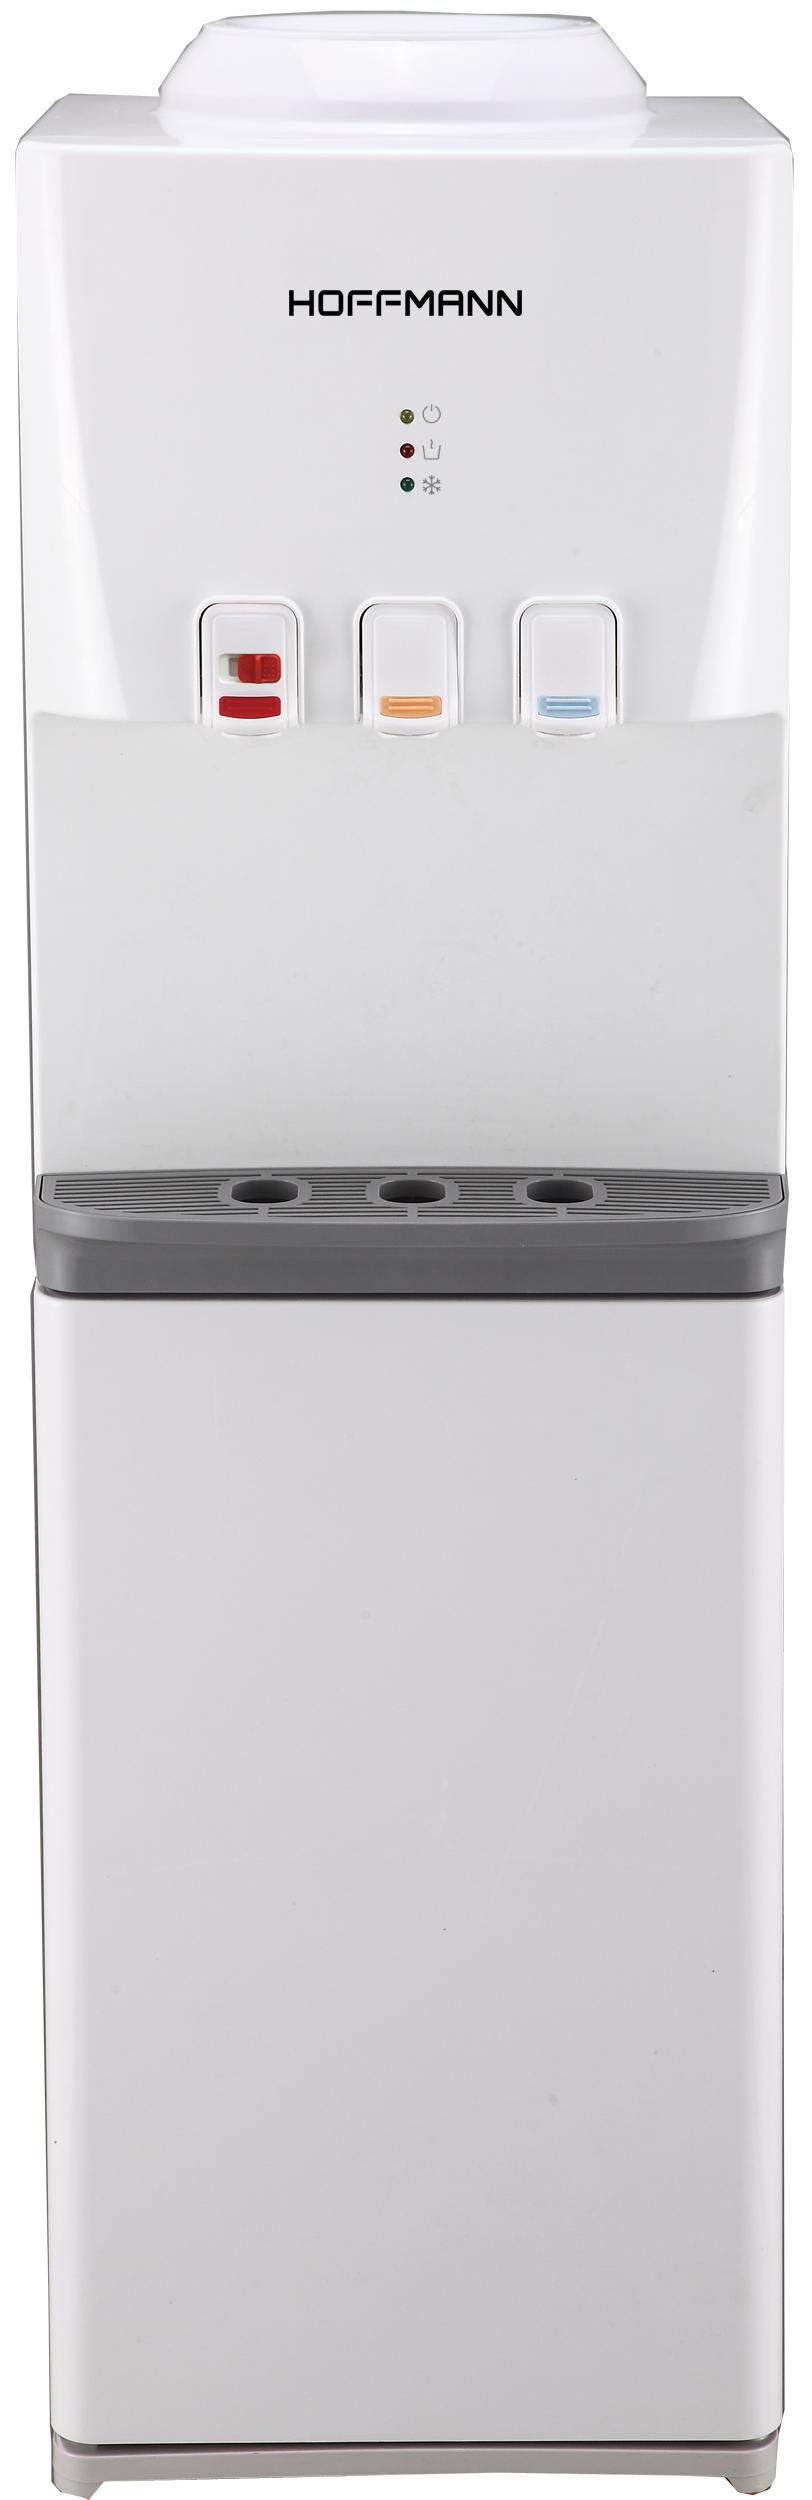 Dispenser HOFFMANN RDF  3136  - 1